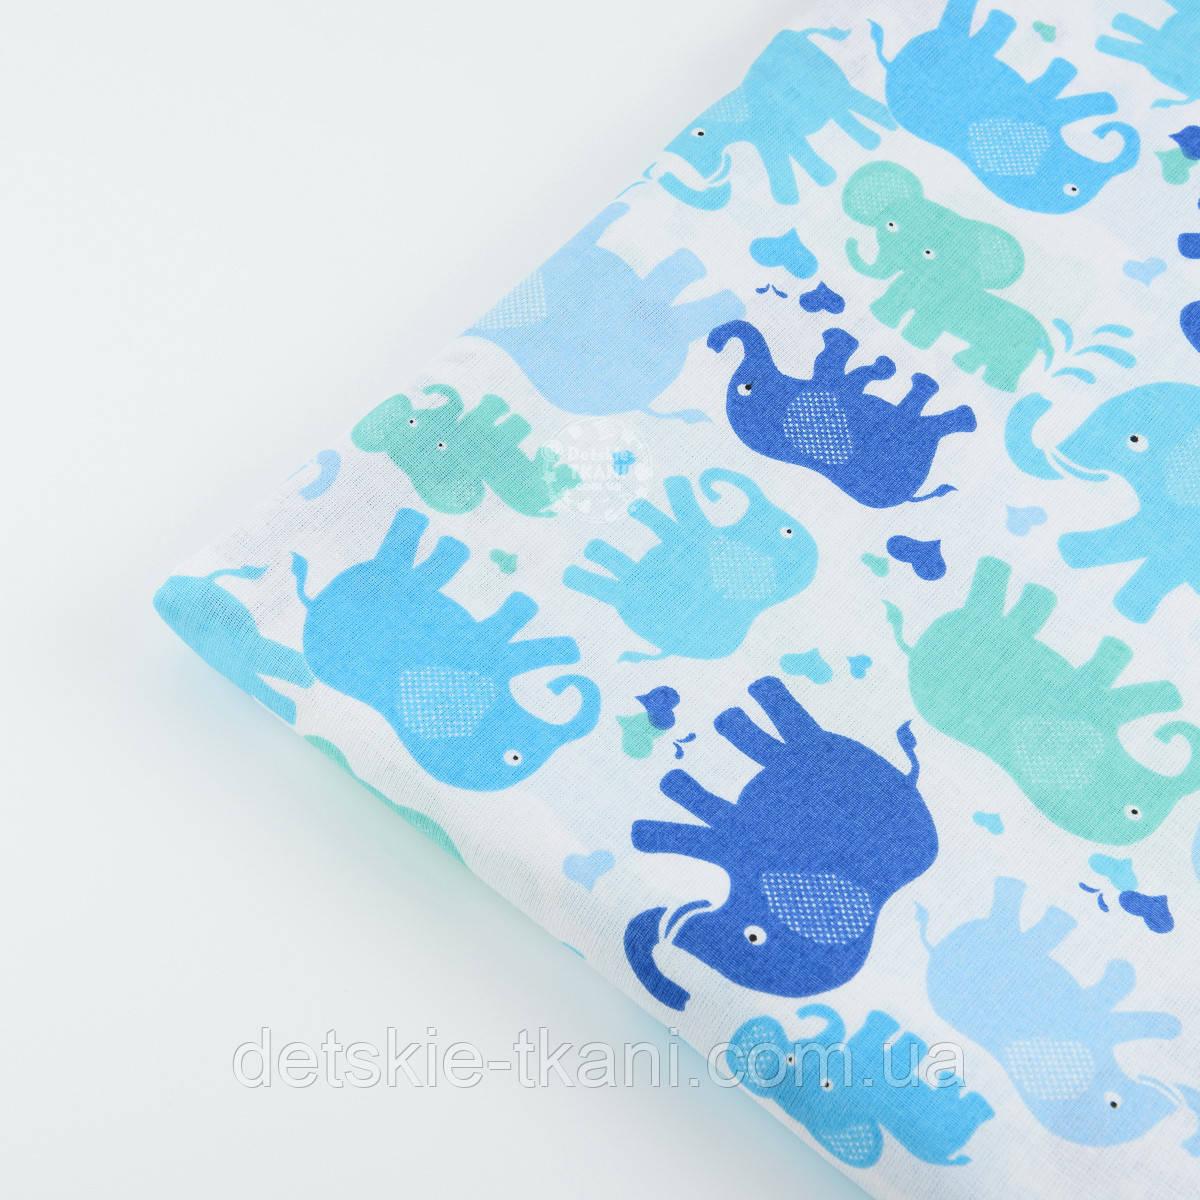 Лоскут ткани №465 с цветными слонами: синими, голубыми, мятными